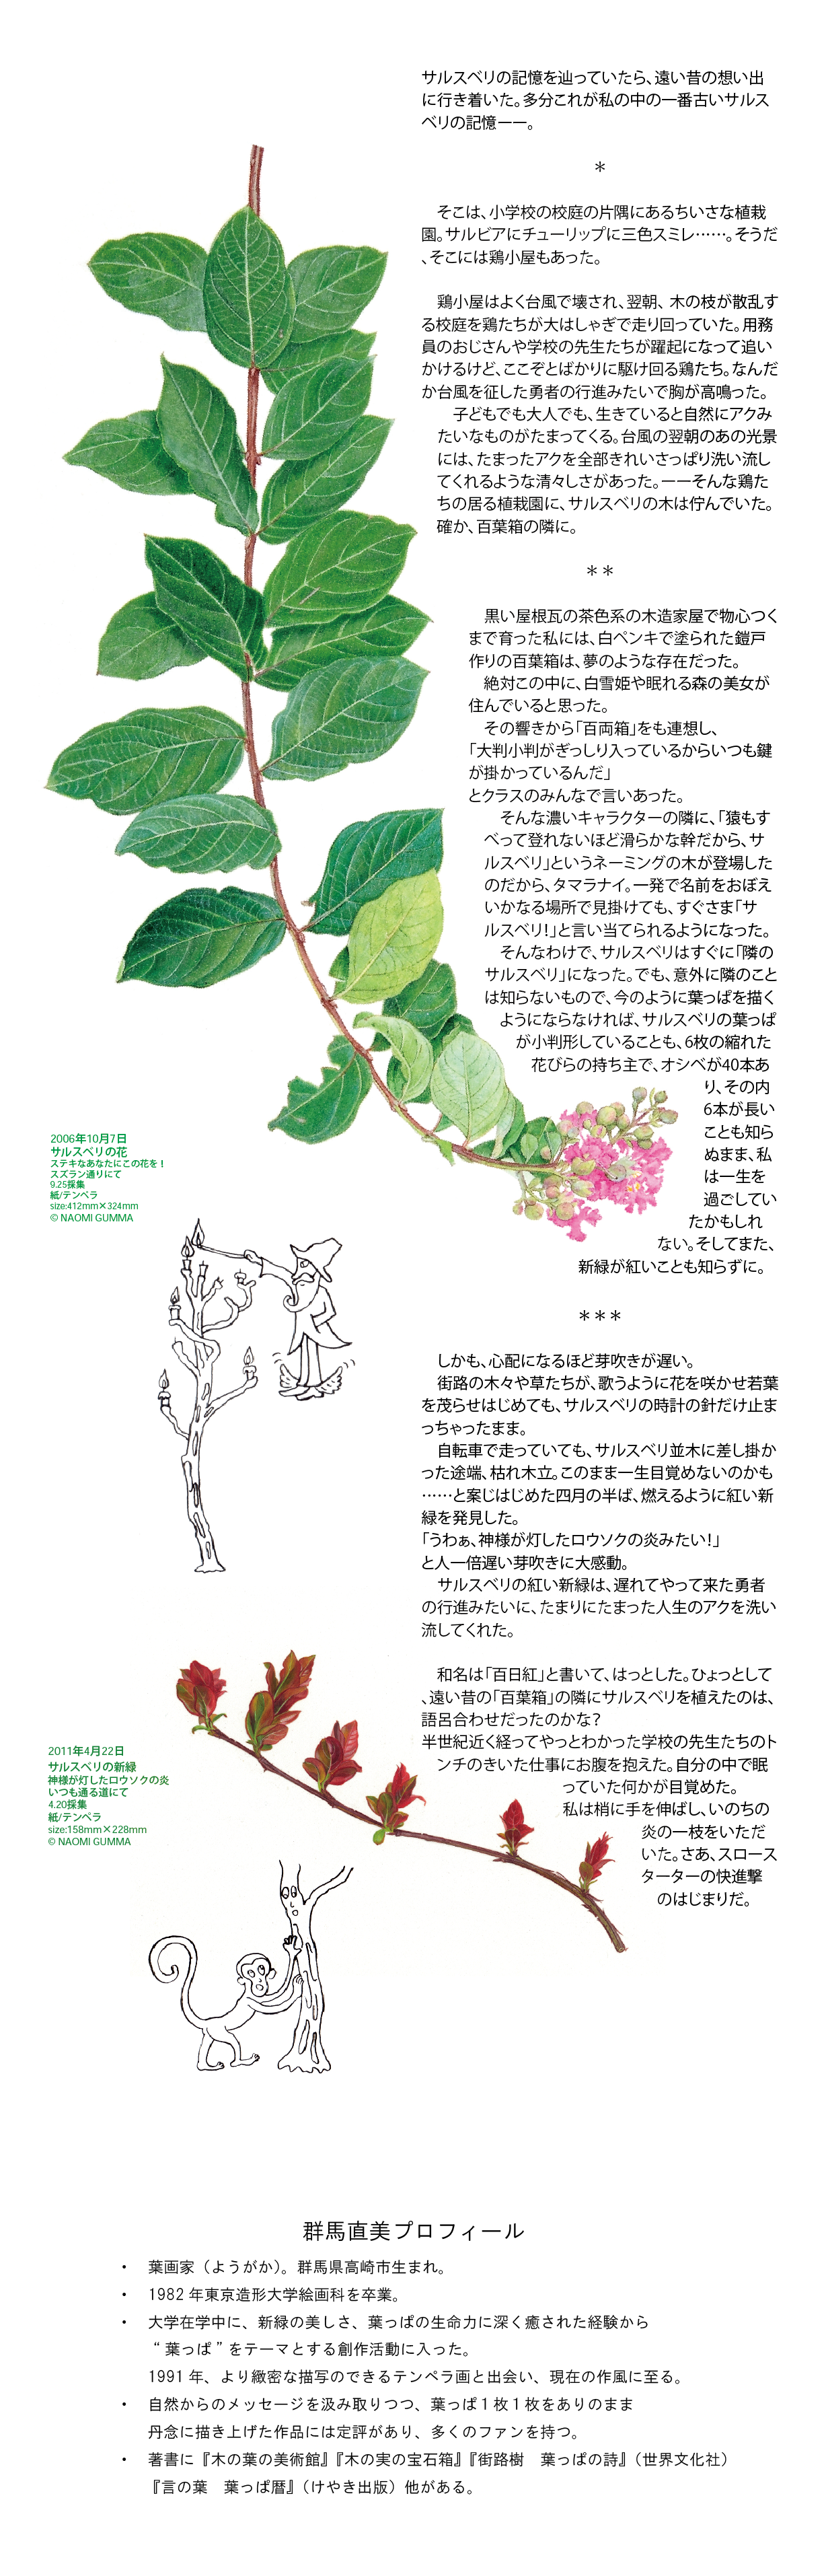 葉画家・群馬直美さんのアートコラム 第6回イメージ1